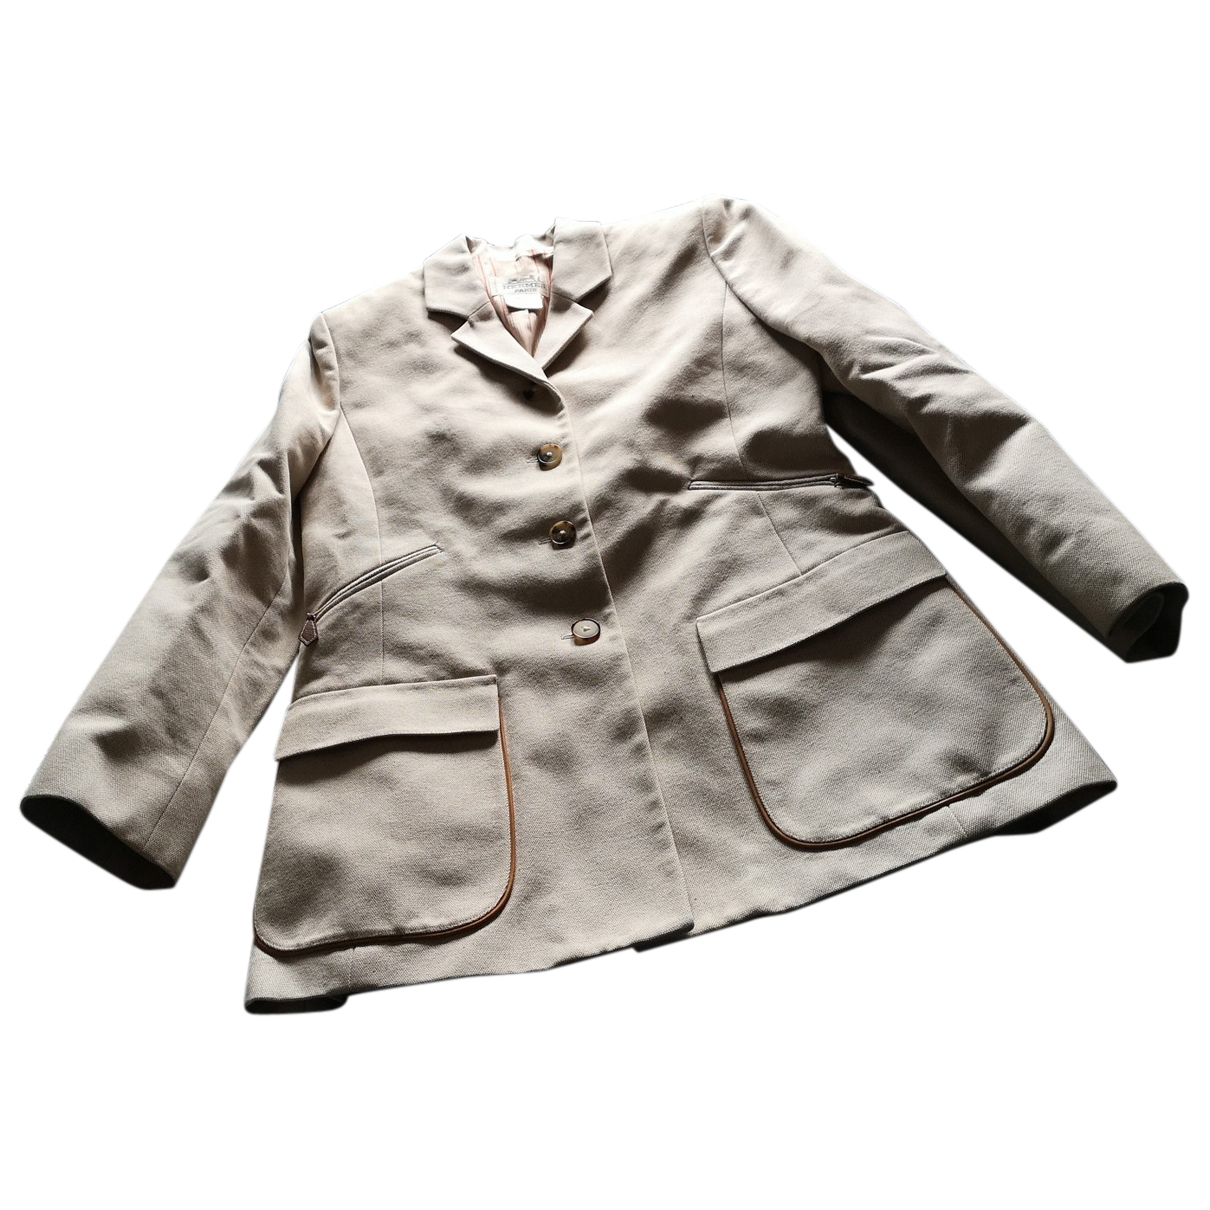 Hermes - Veste   pour femme en coton - beige